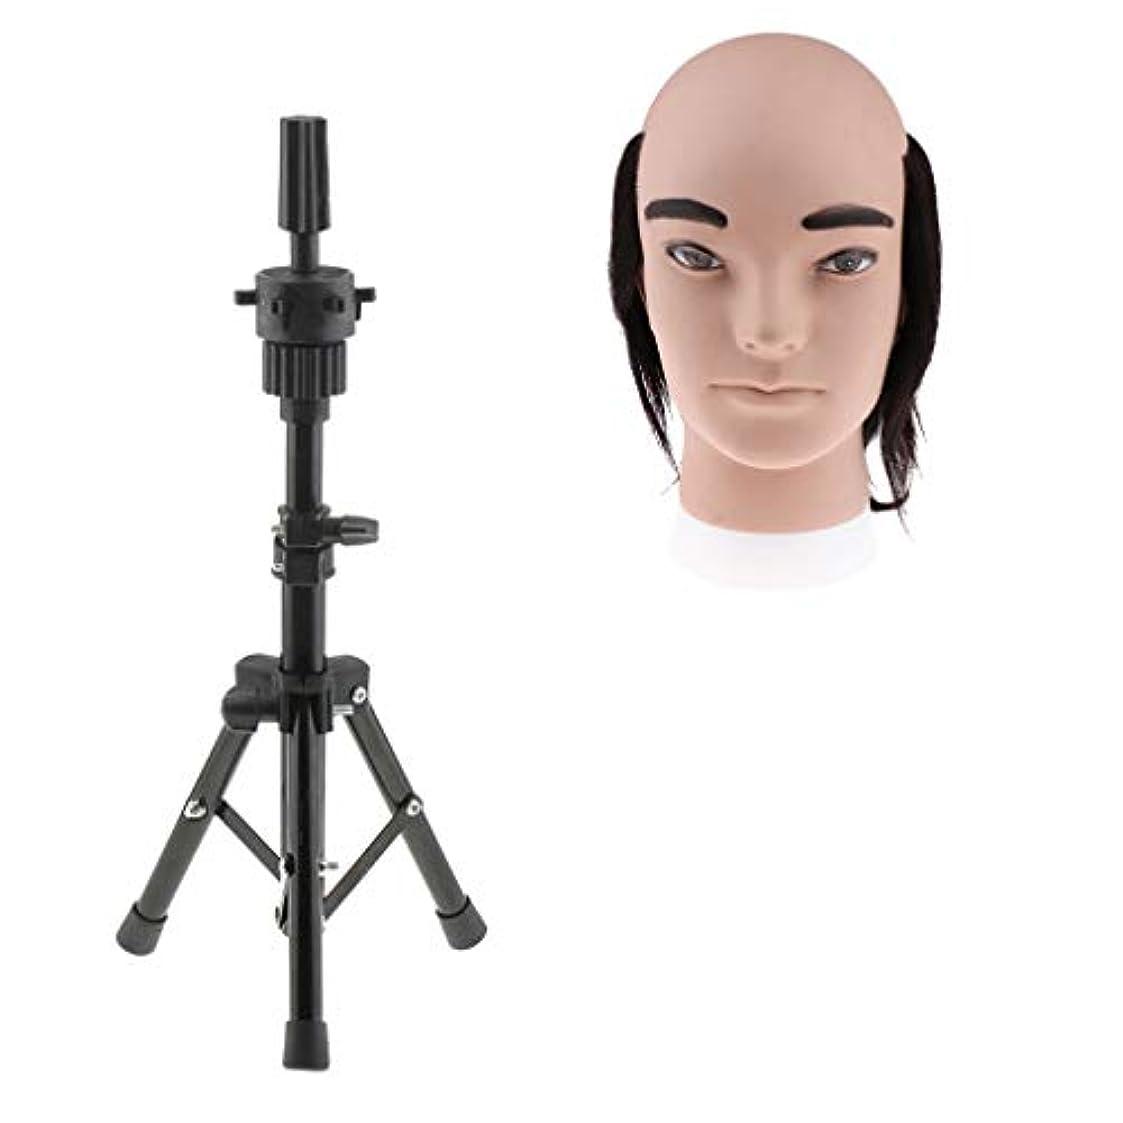 良性カビリベラルToygogo 7.9インチ化粧品男性用半Bal型マネキンヘッド理髪店スタイリングカッティングウィービングスタイリング三脚スタンド